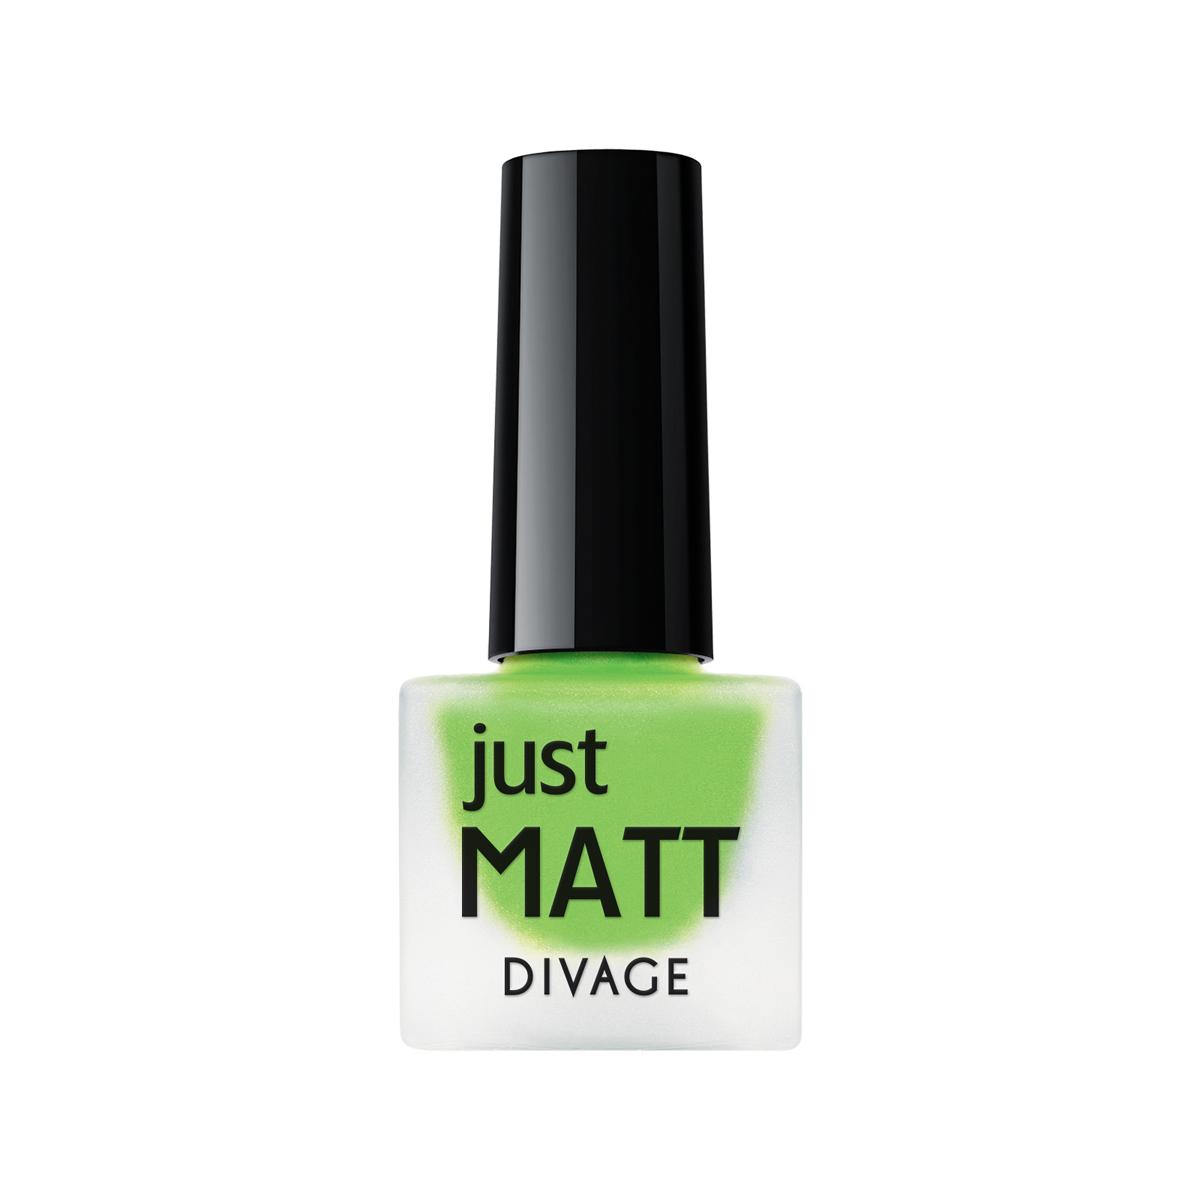 DIVAGE Лак для ногтей JUST MATT, тон № 5625, 7 мл004405Лак для ногтей Divage Just Matt с матовым эффектом имеет легкую бархатистую текстуру (Soft Touch) и удобный мини формат упаковки. Наносится идеально ровно, визуально сглаживая неровности ногтевой пластины. Характеристики: Объем: 7 мл. Тон: №5625. Товар сертифицирован.